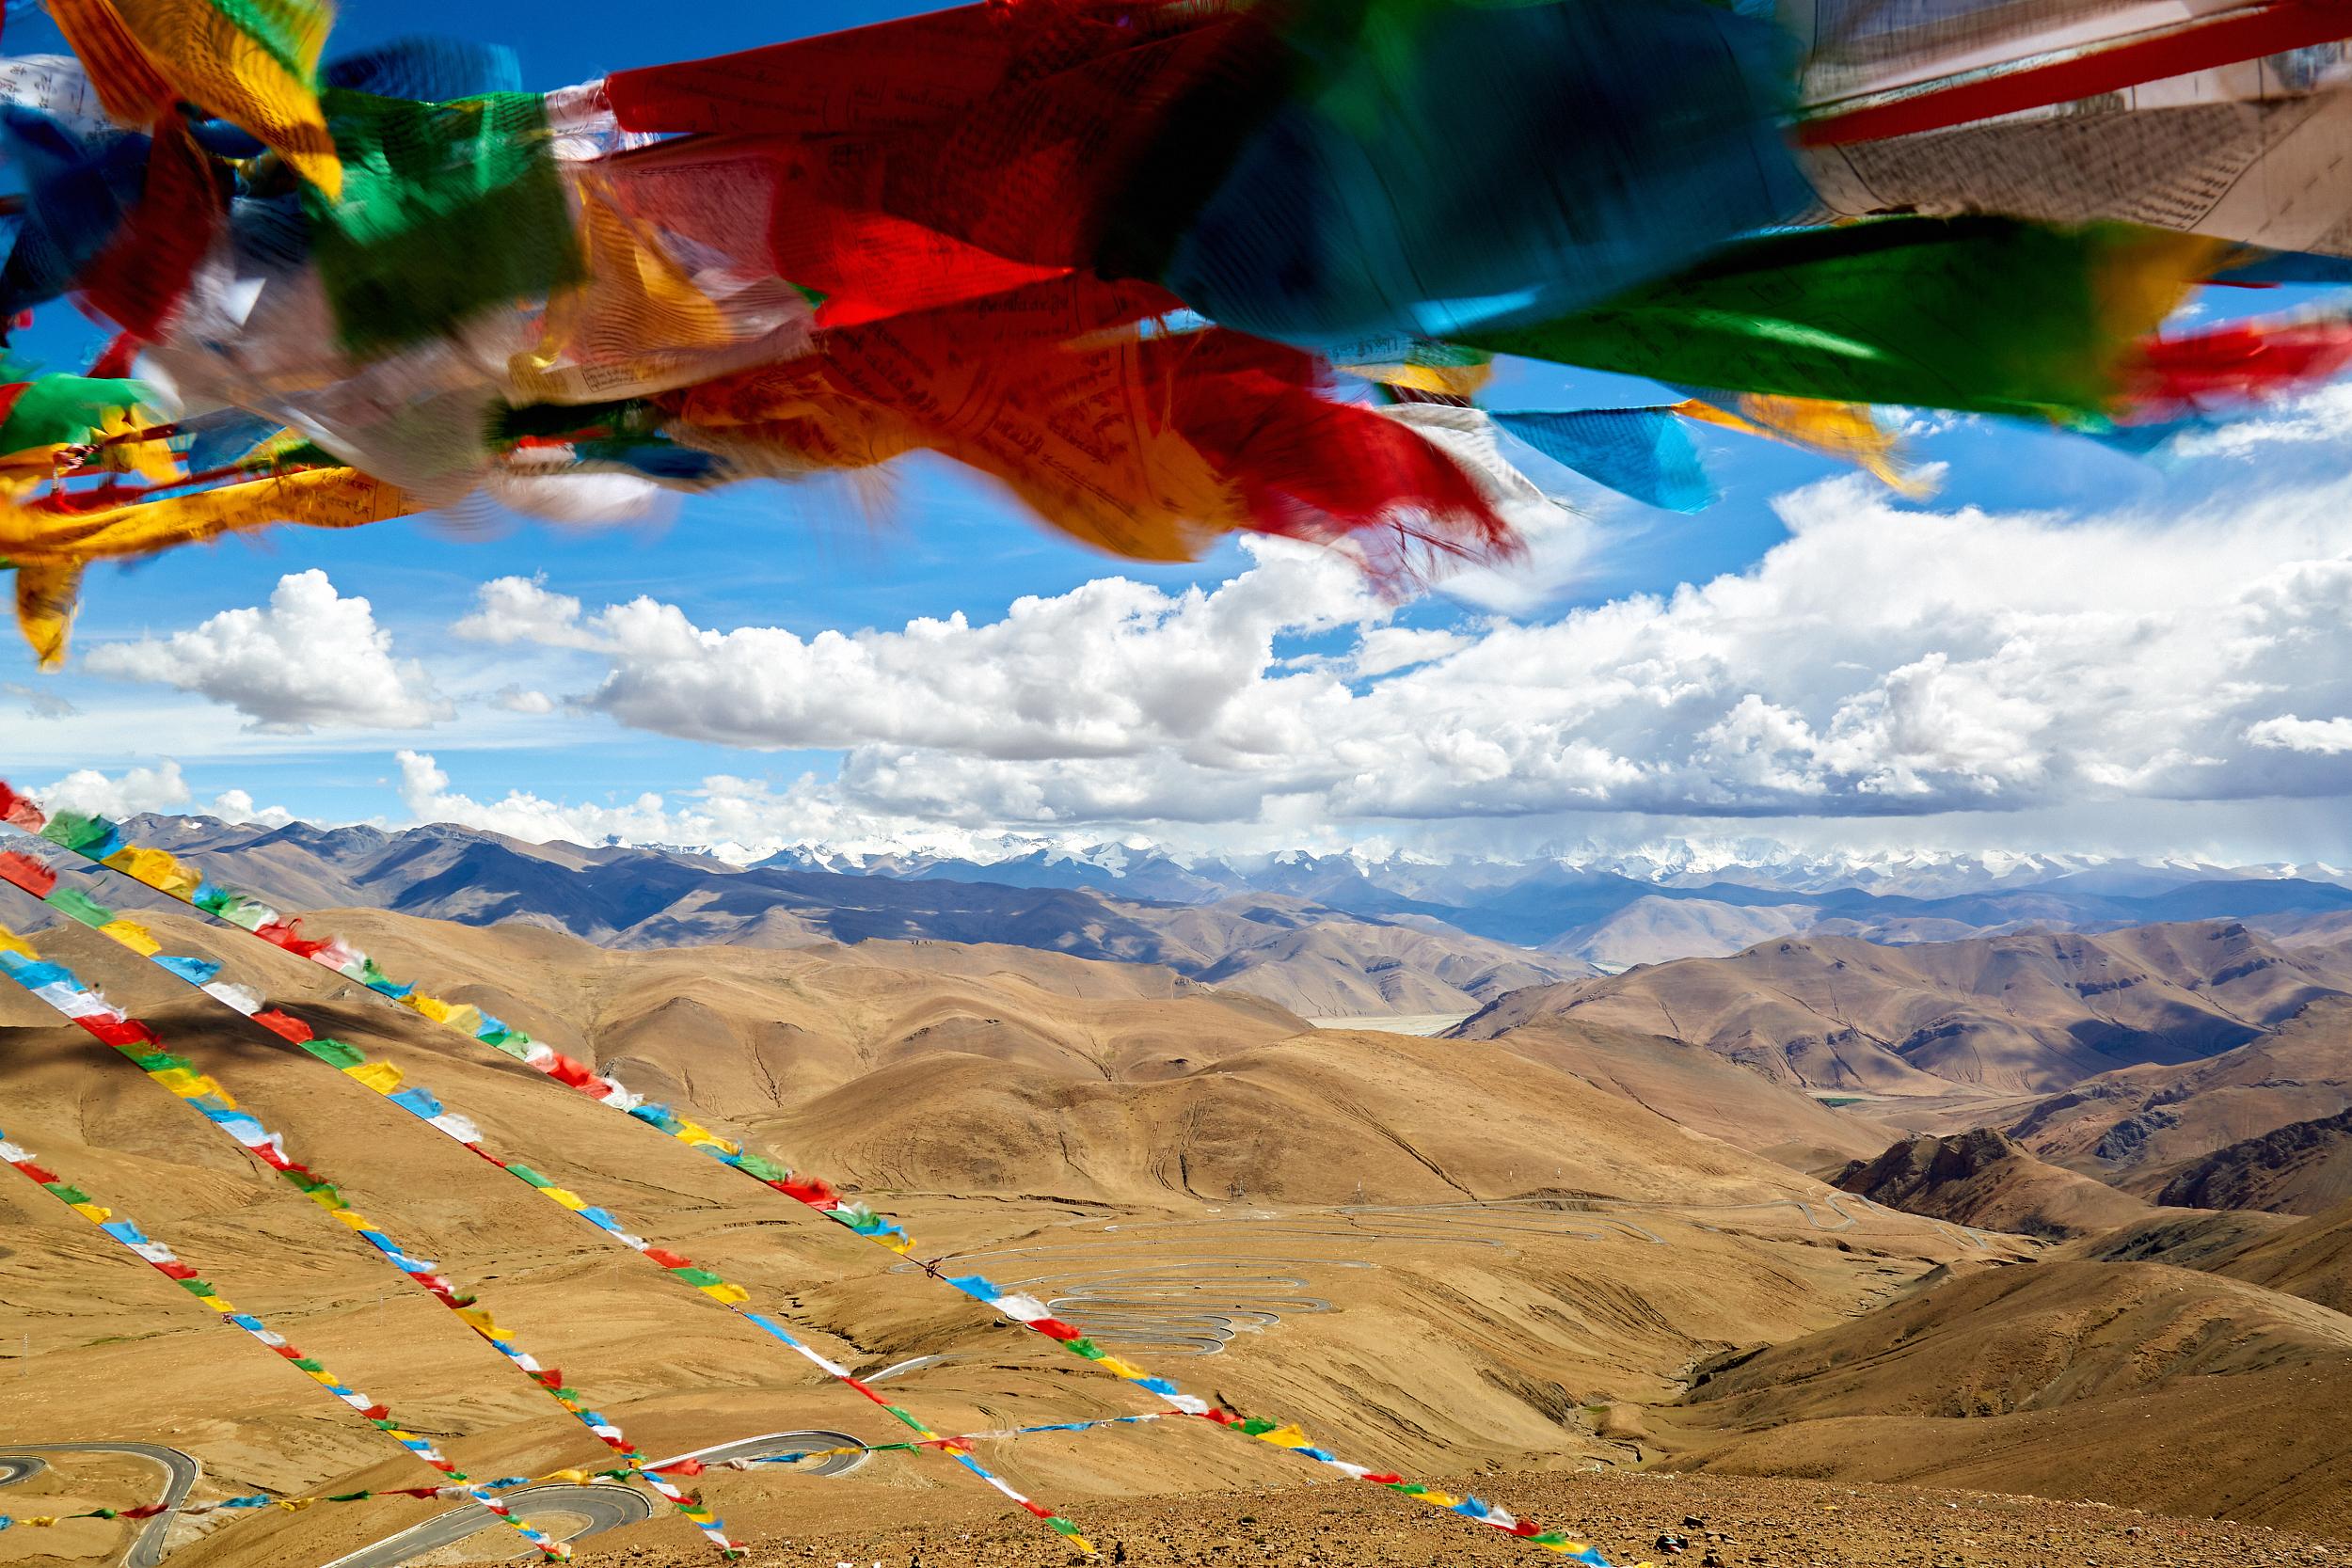 珠穆朗瑪峰國家級自然保護區